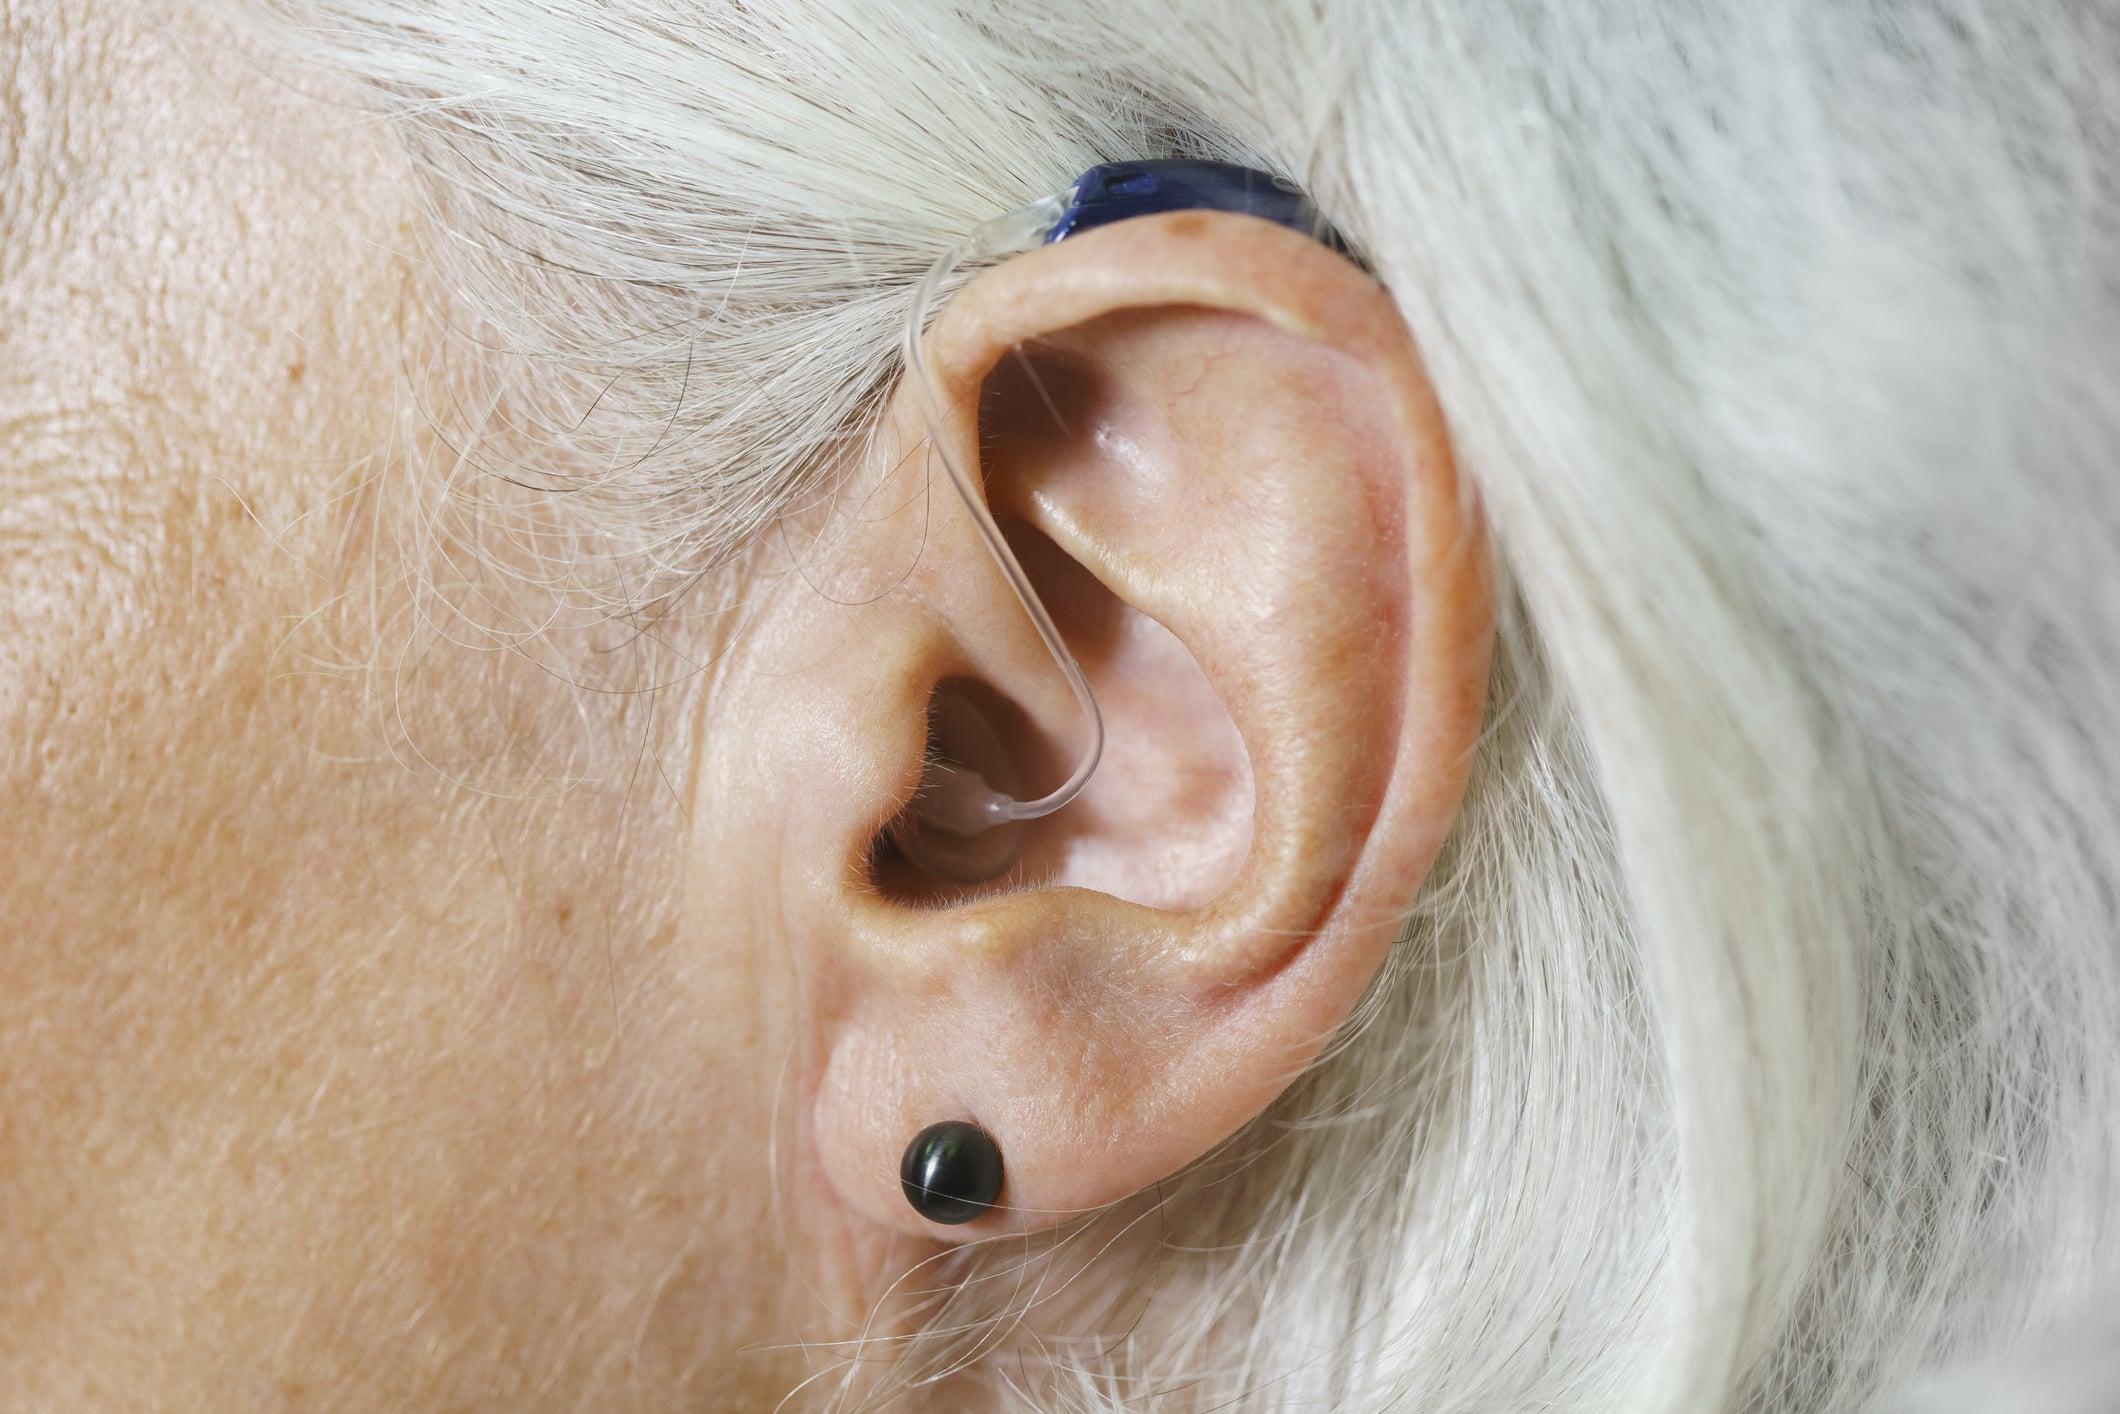 Un appareil auditif pour une personne âgée